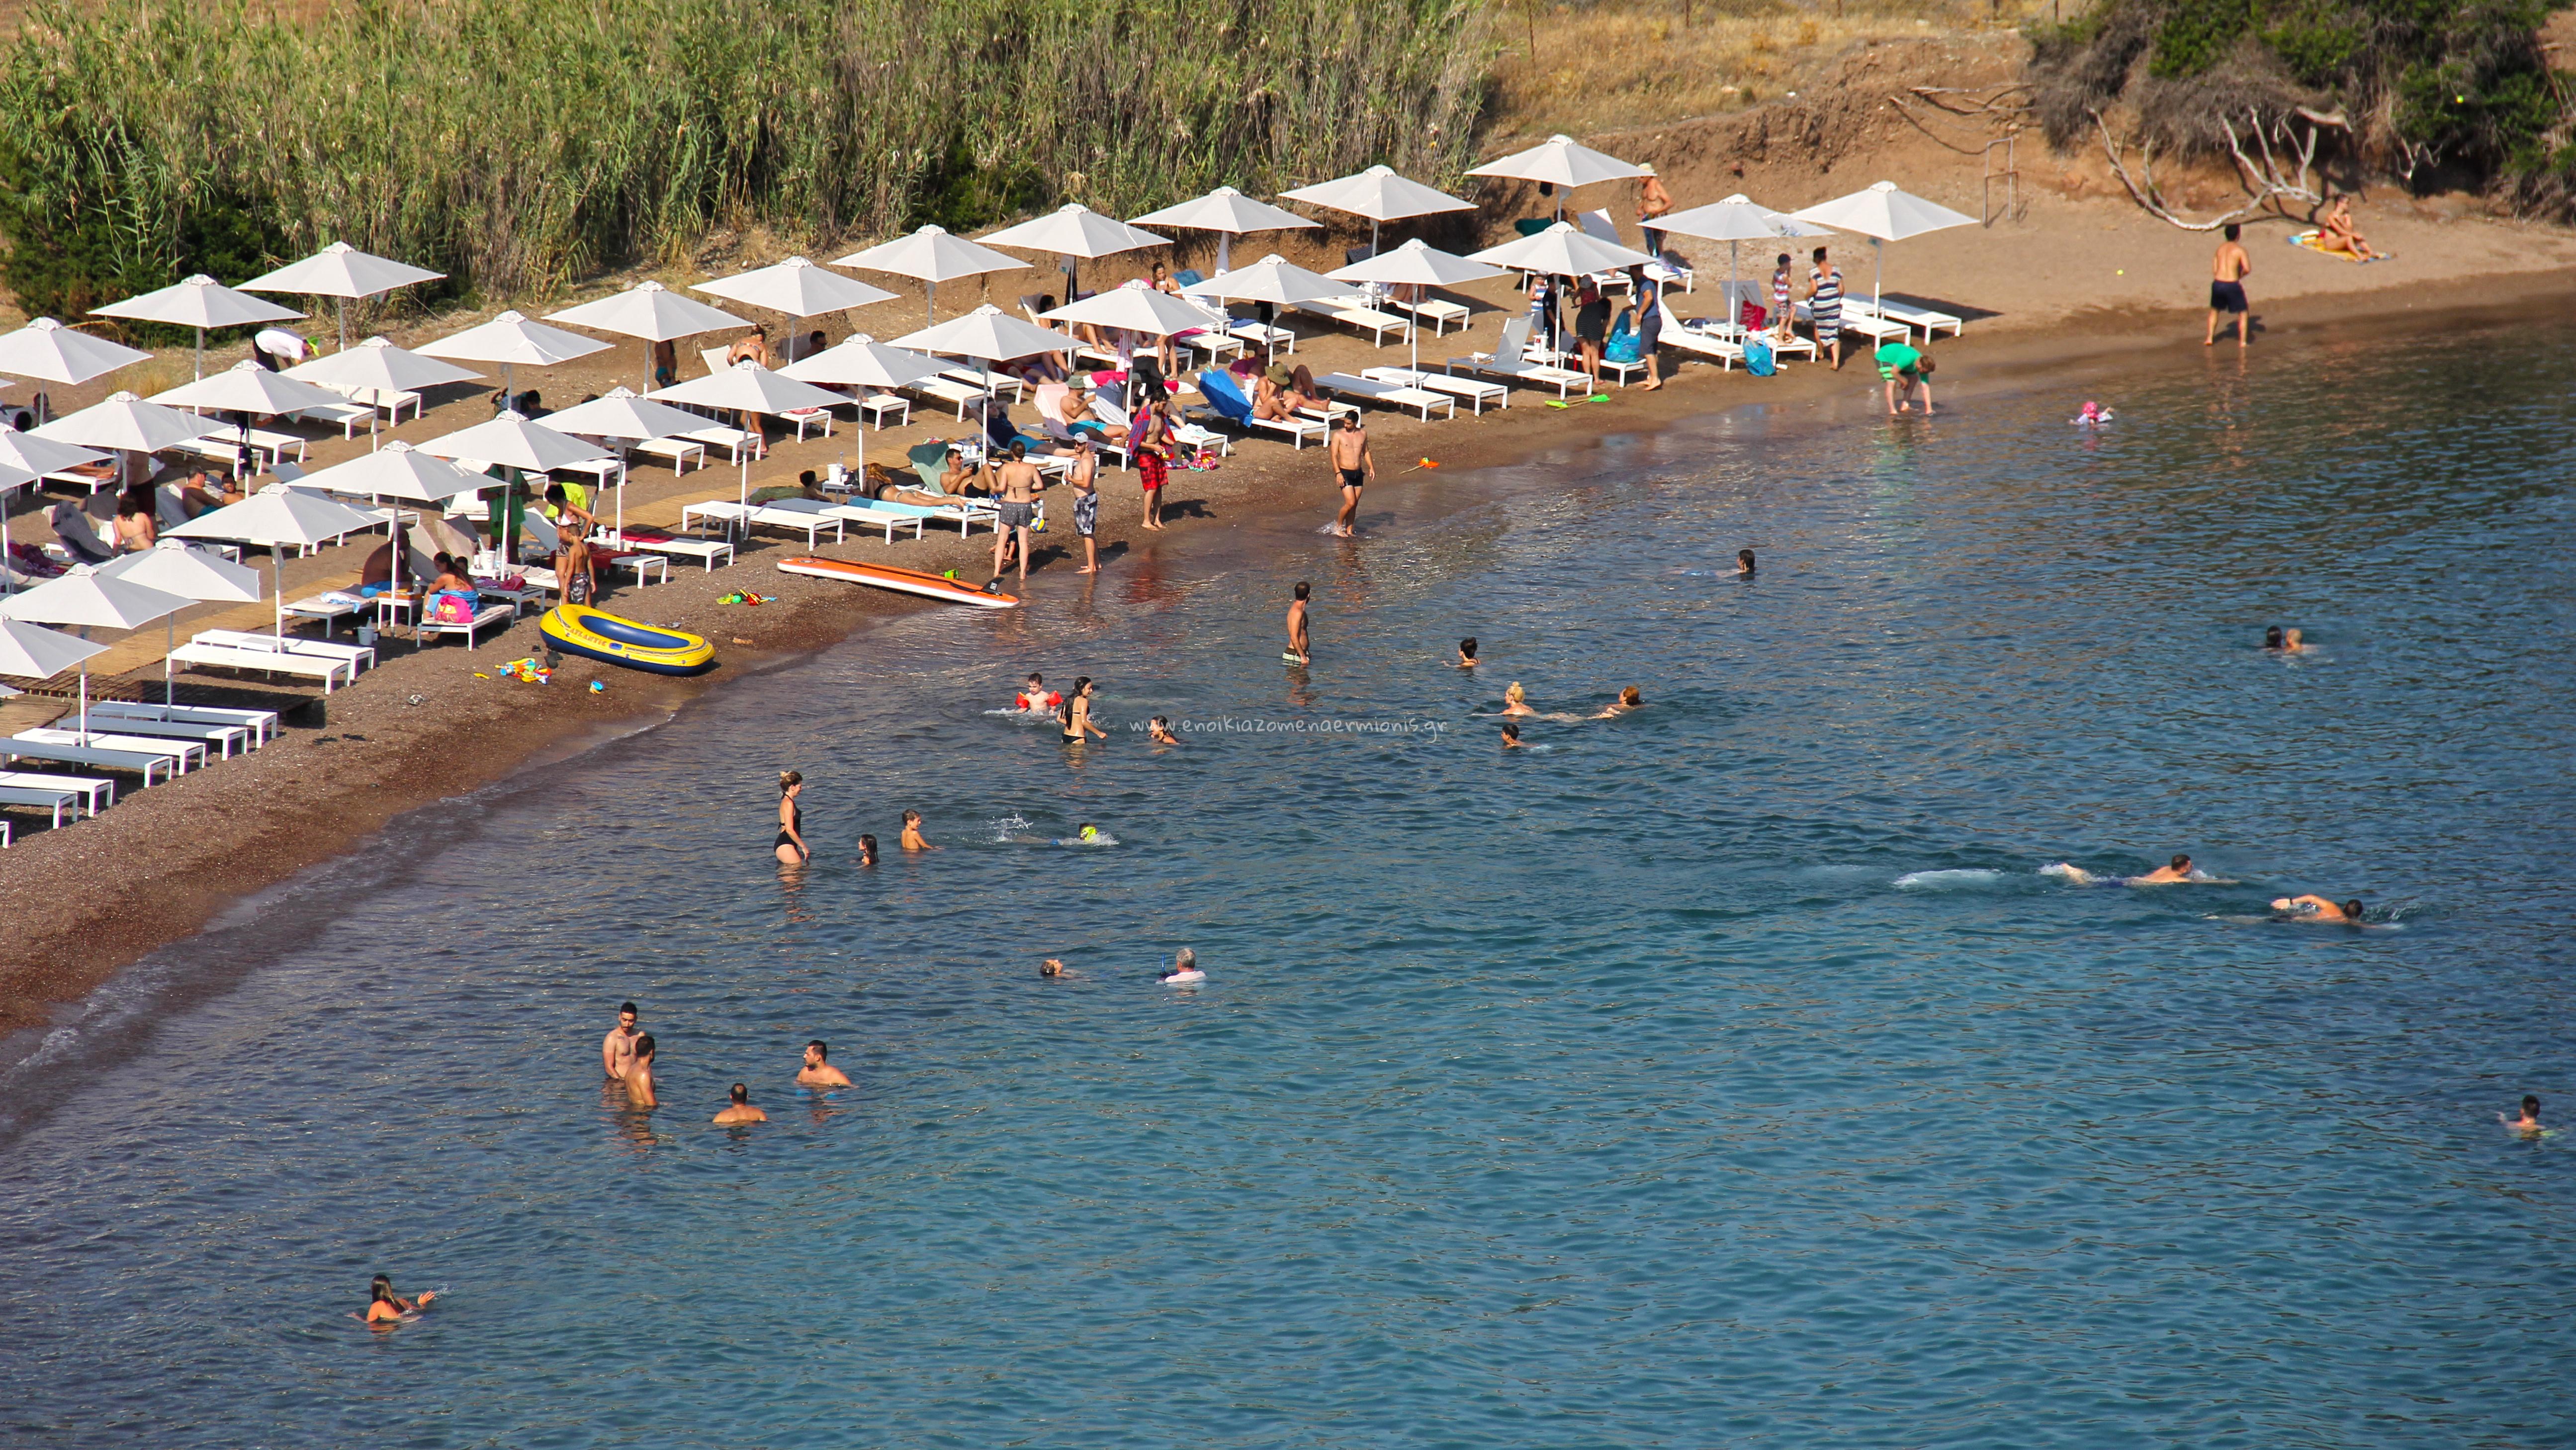 Άνθρωποι κολυμπούν στην παραλία Πετροθάλασσα